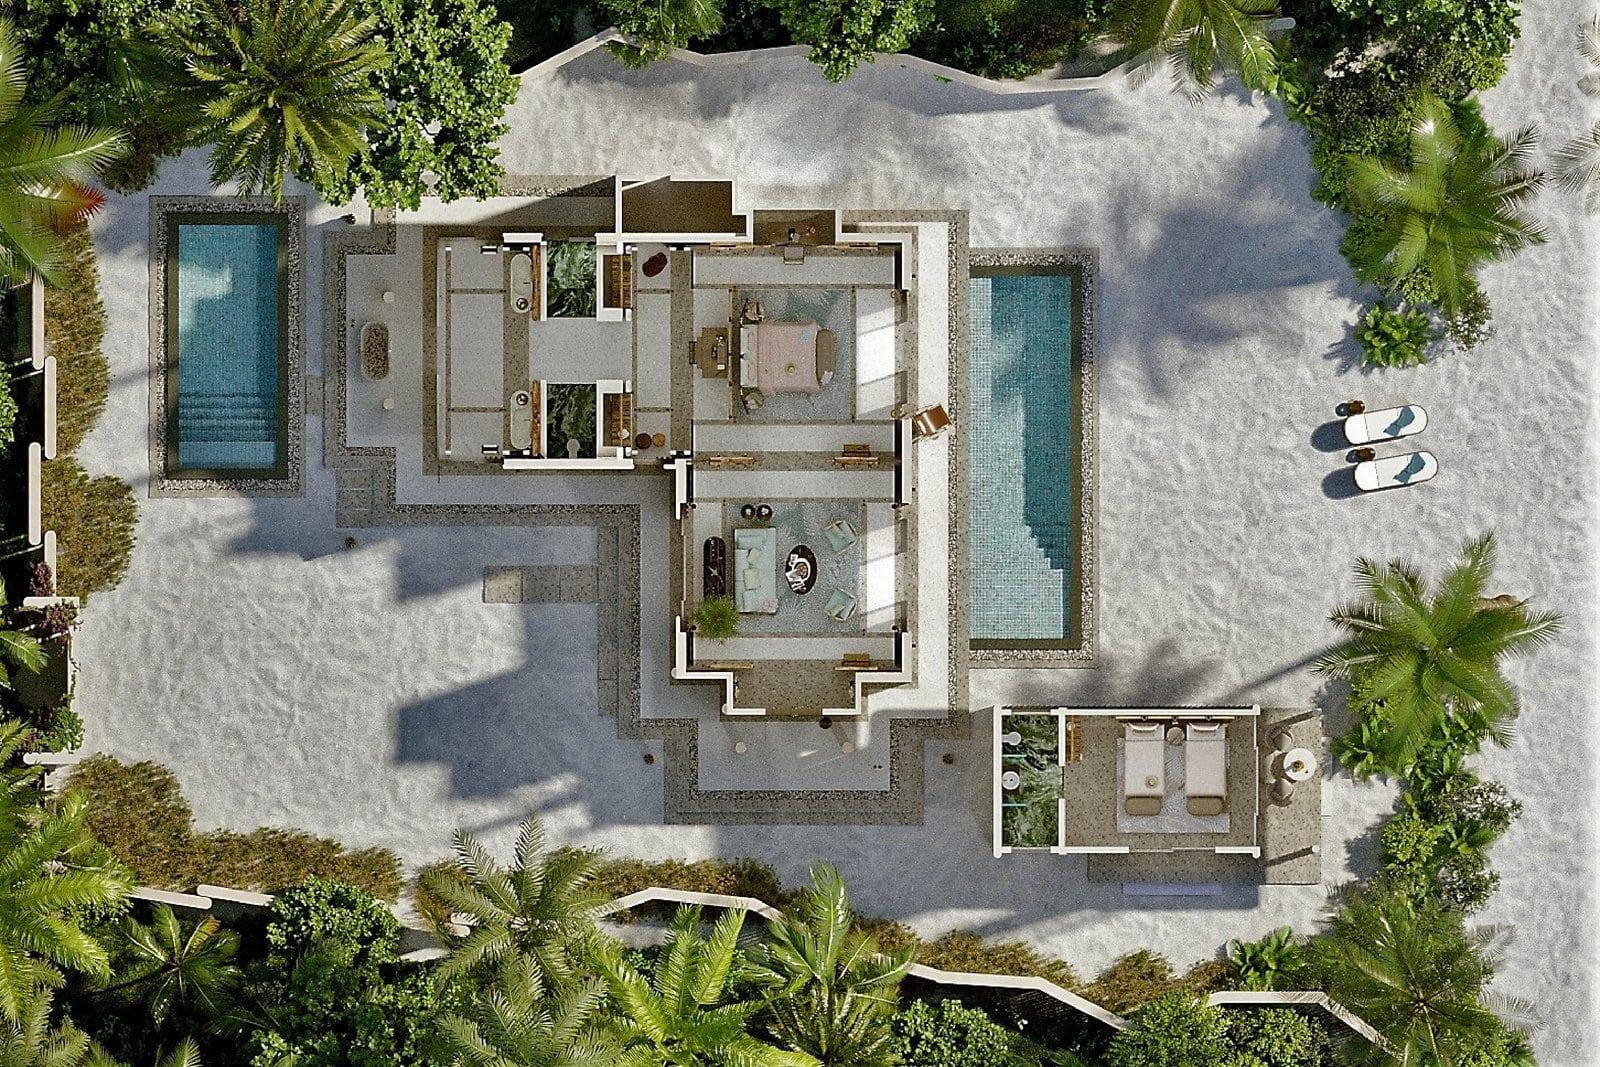 Мальдивы, отель Joali Maldives, план-схема номера Family Beach Villa with two pools